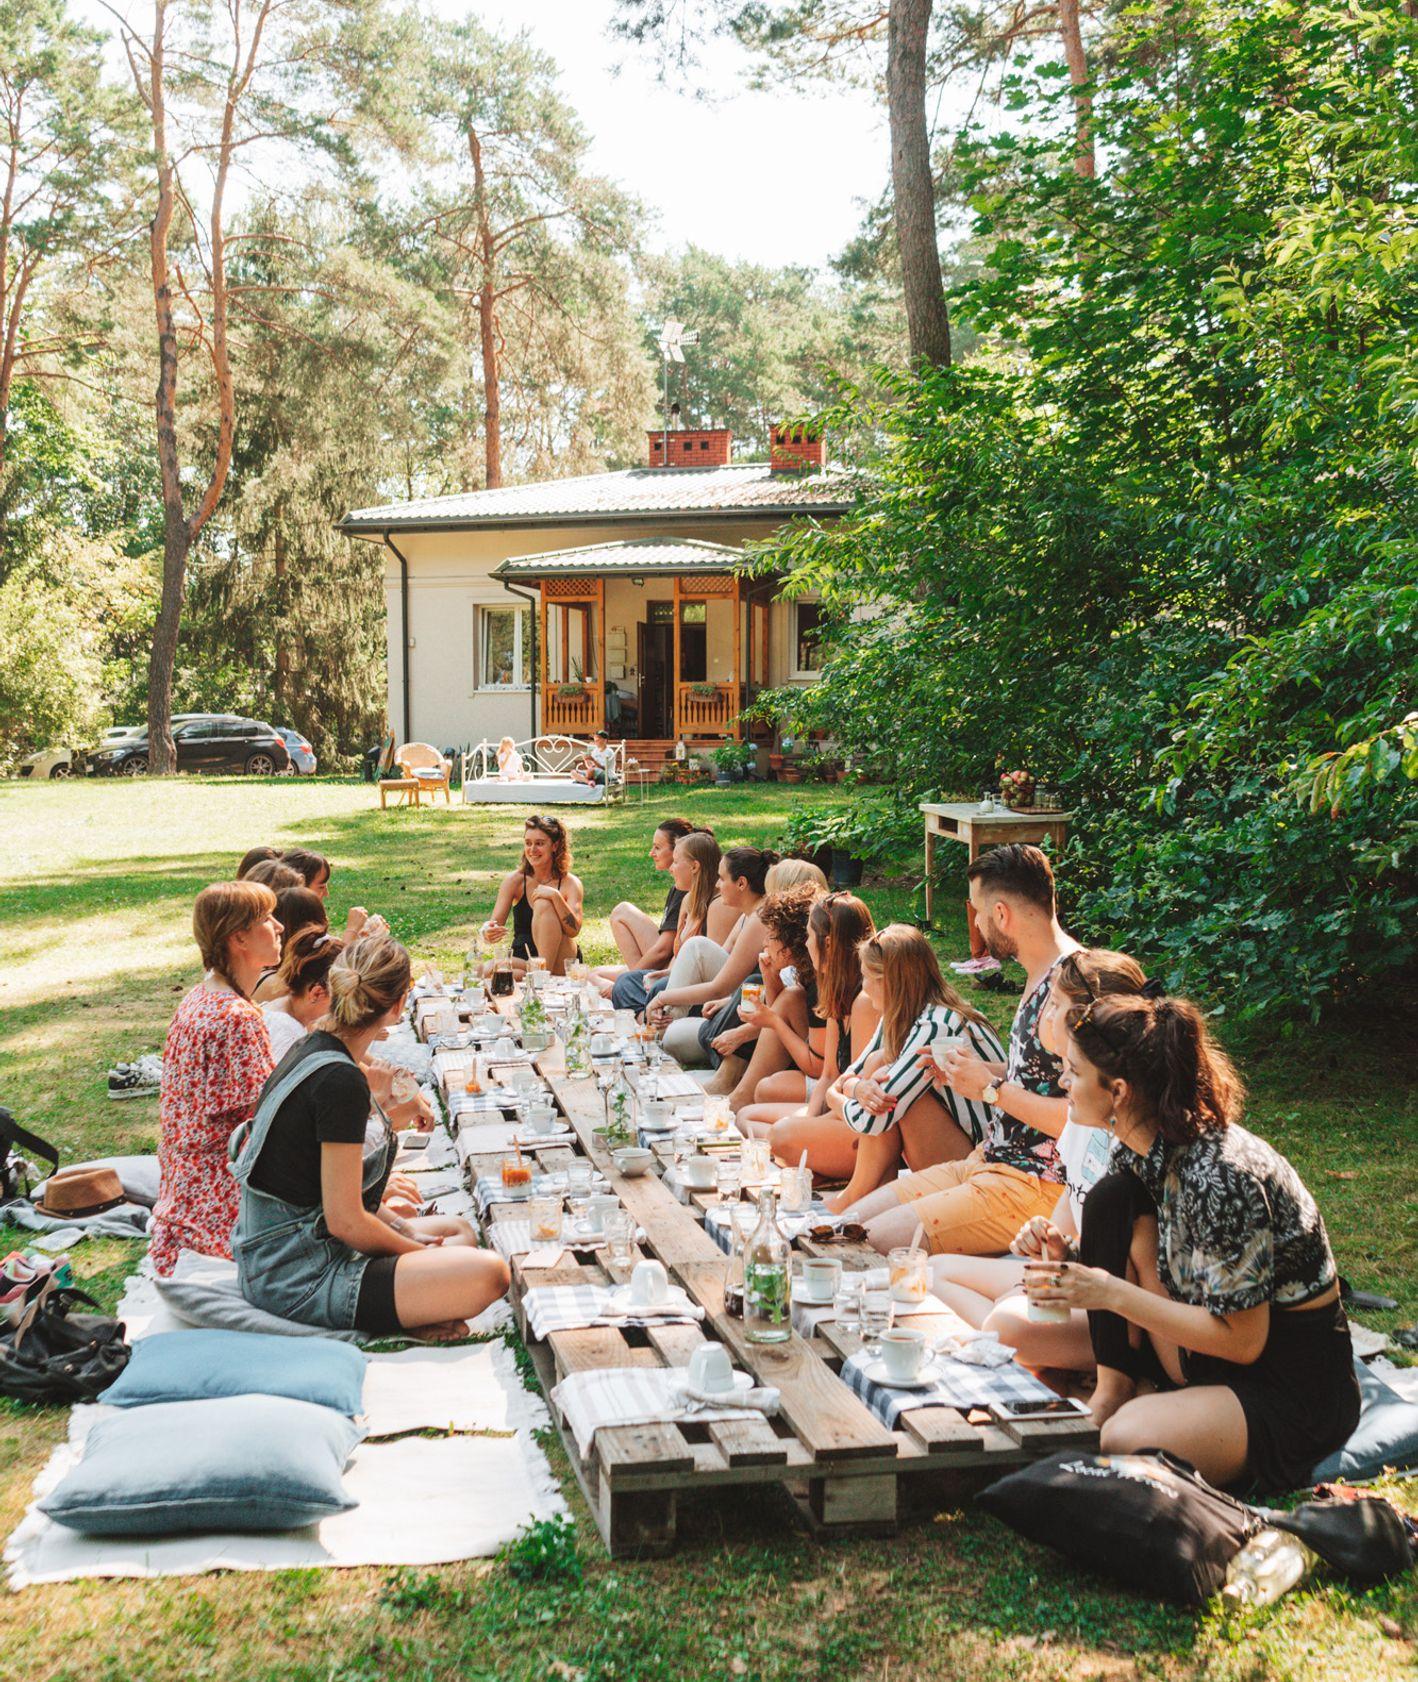 jedzenie na świeżym powietrzu. Slow Living Poland (fot. Sonia Krupińska)